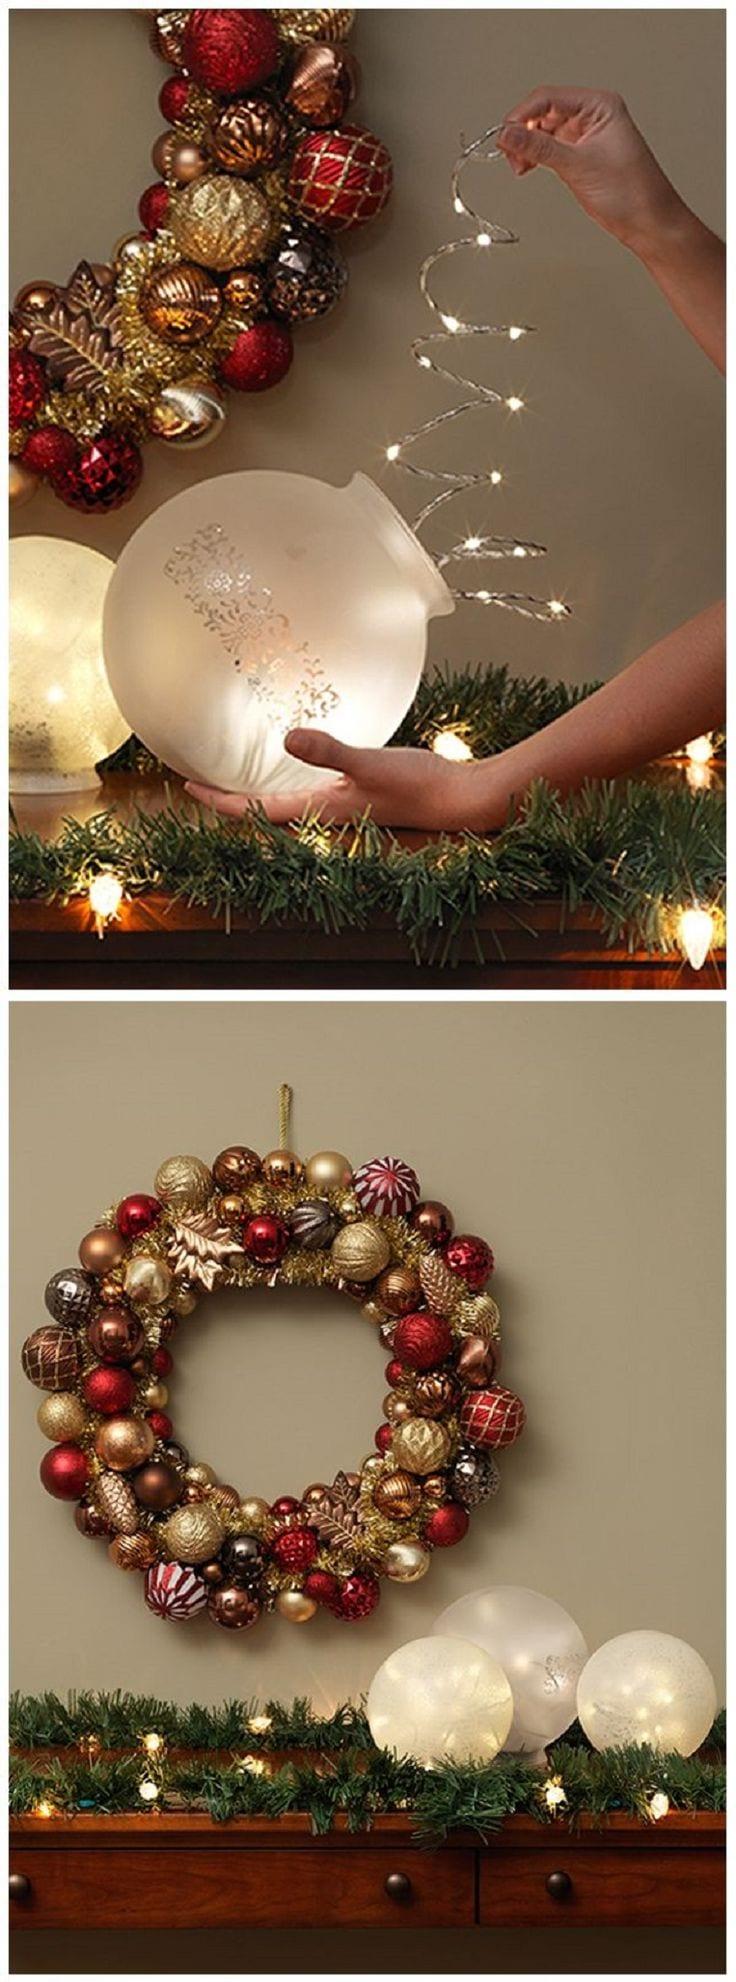 Decoracion navidad rojo con dorado 5 curso de for Decoracion del hogar navidad 2015